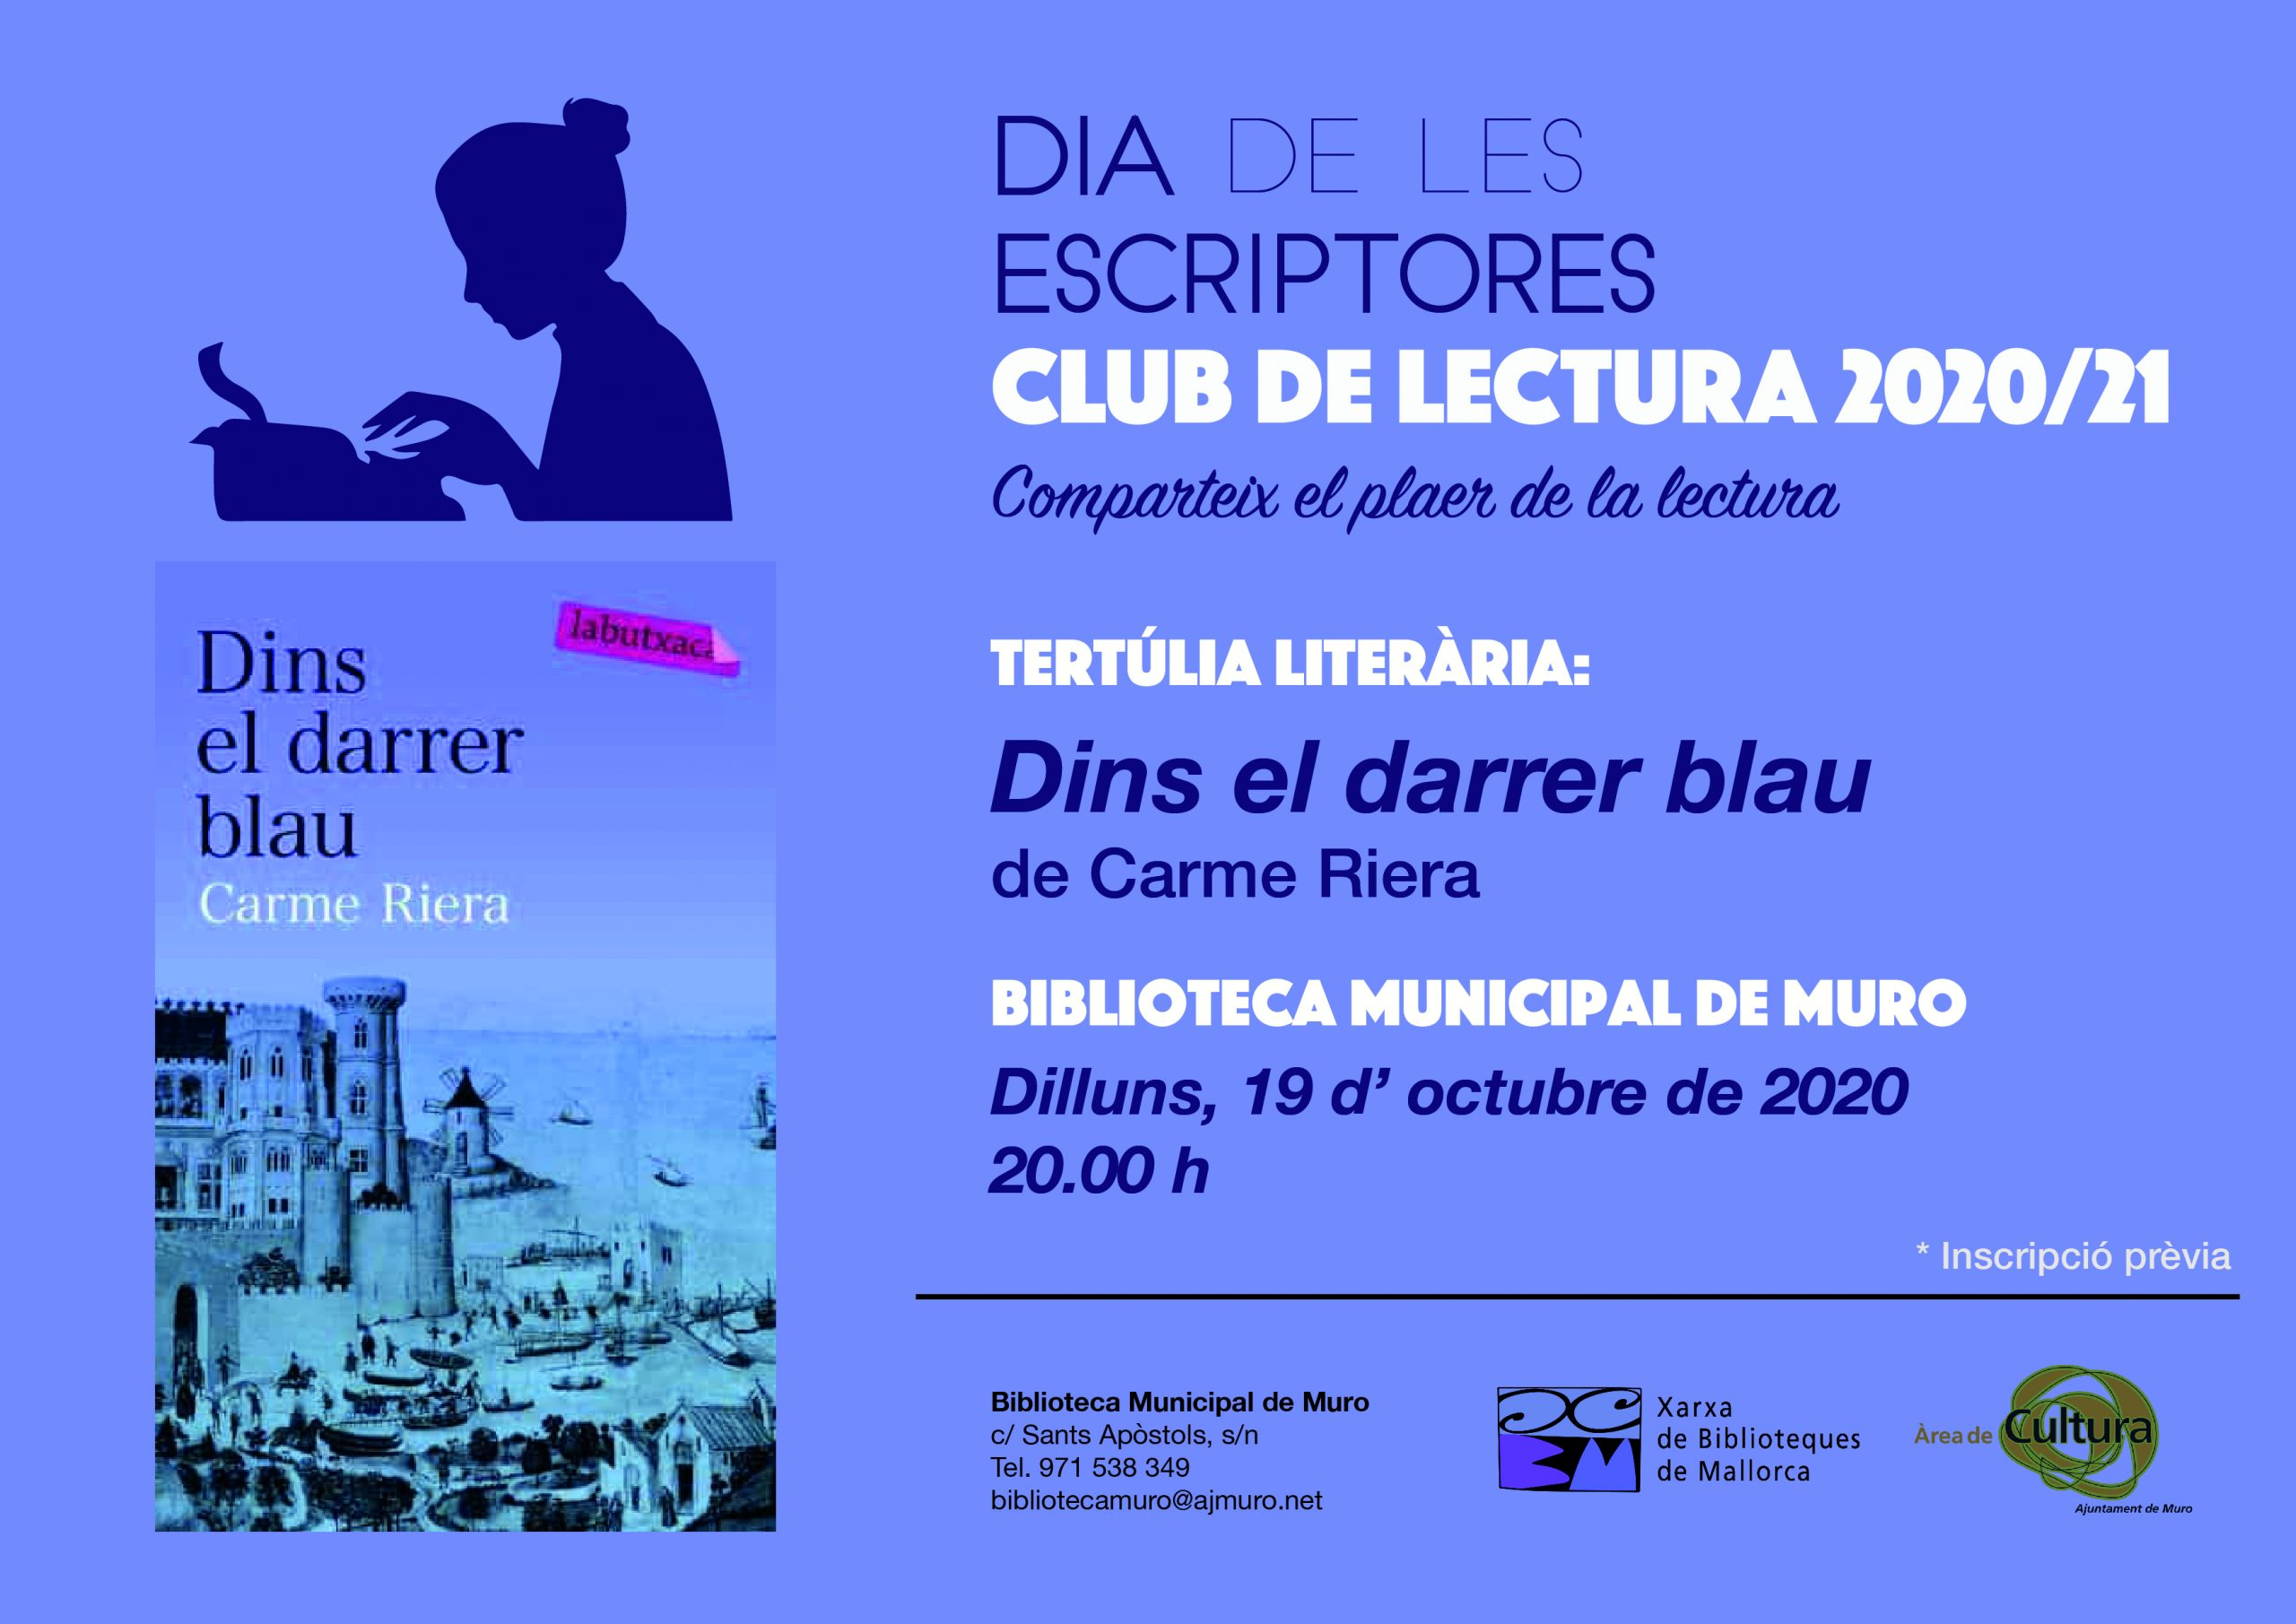 Biblioteca Municipal de Muro